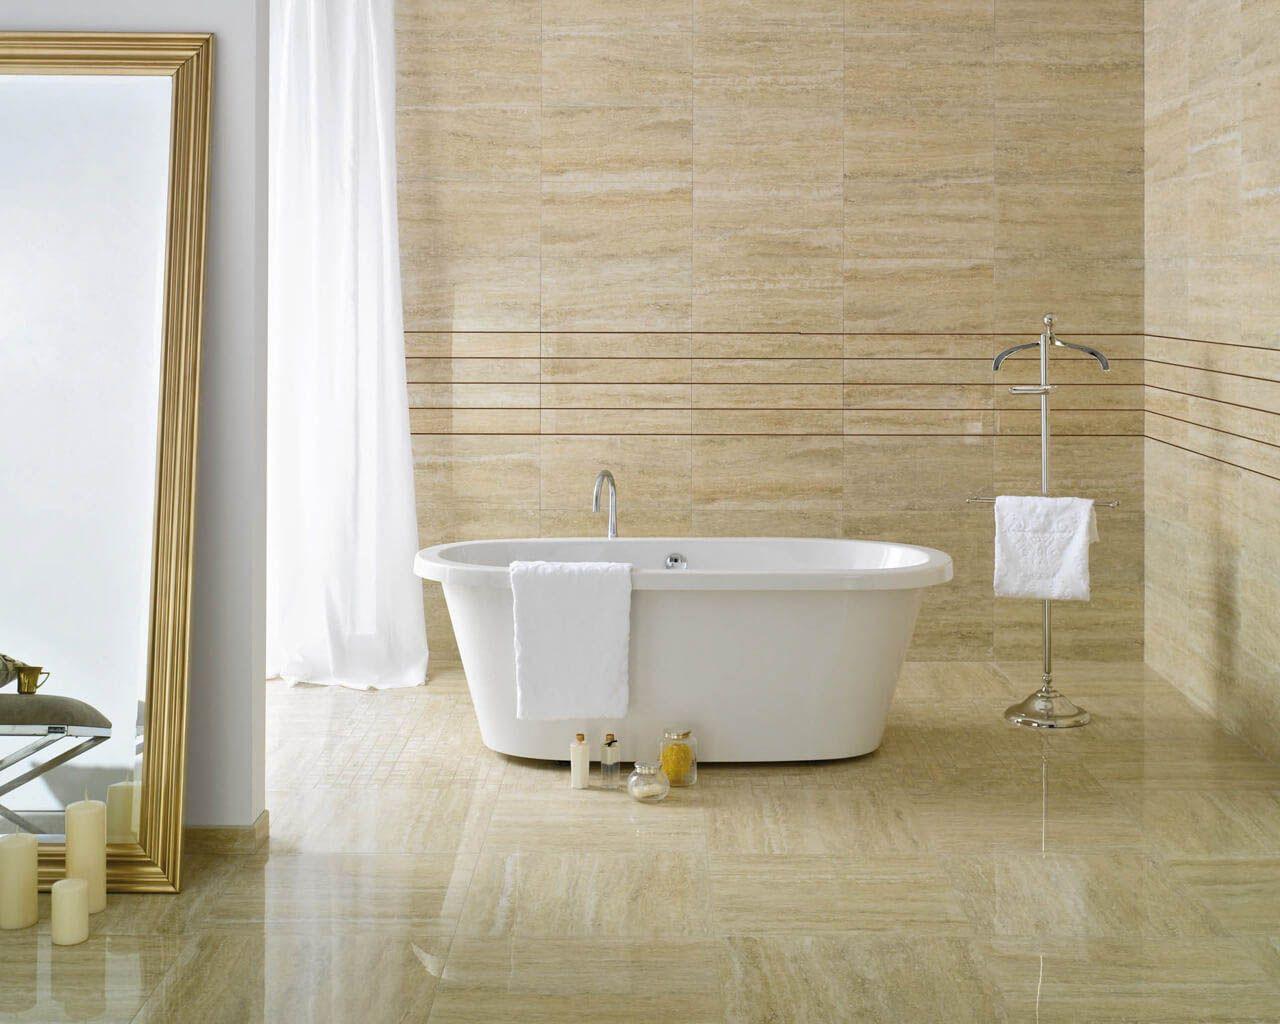 Luxurious stone bathroom in a warm classic style | Ceramika Paradyz